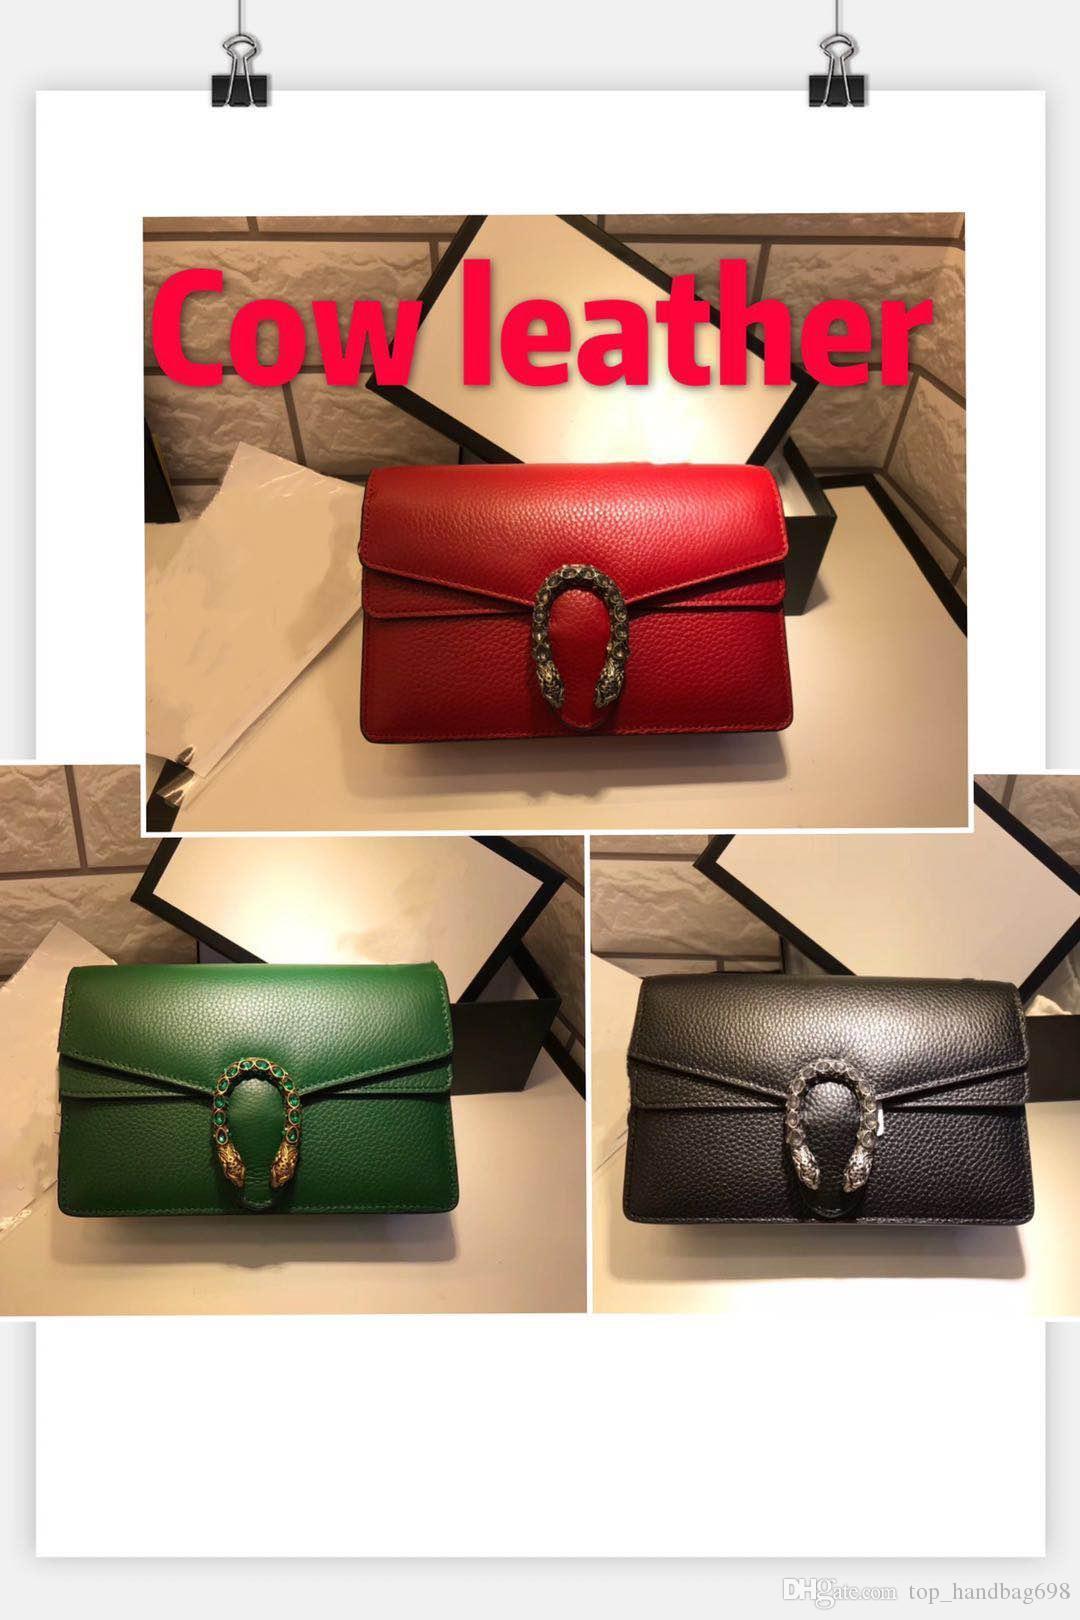 Mode sacs à main célèbres sacs de la chaîne de marque pour les femmes sac à bandoulière tête de serpent petit sac carré boîte Whit